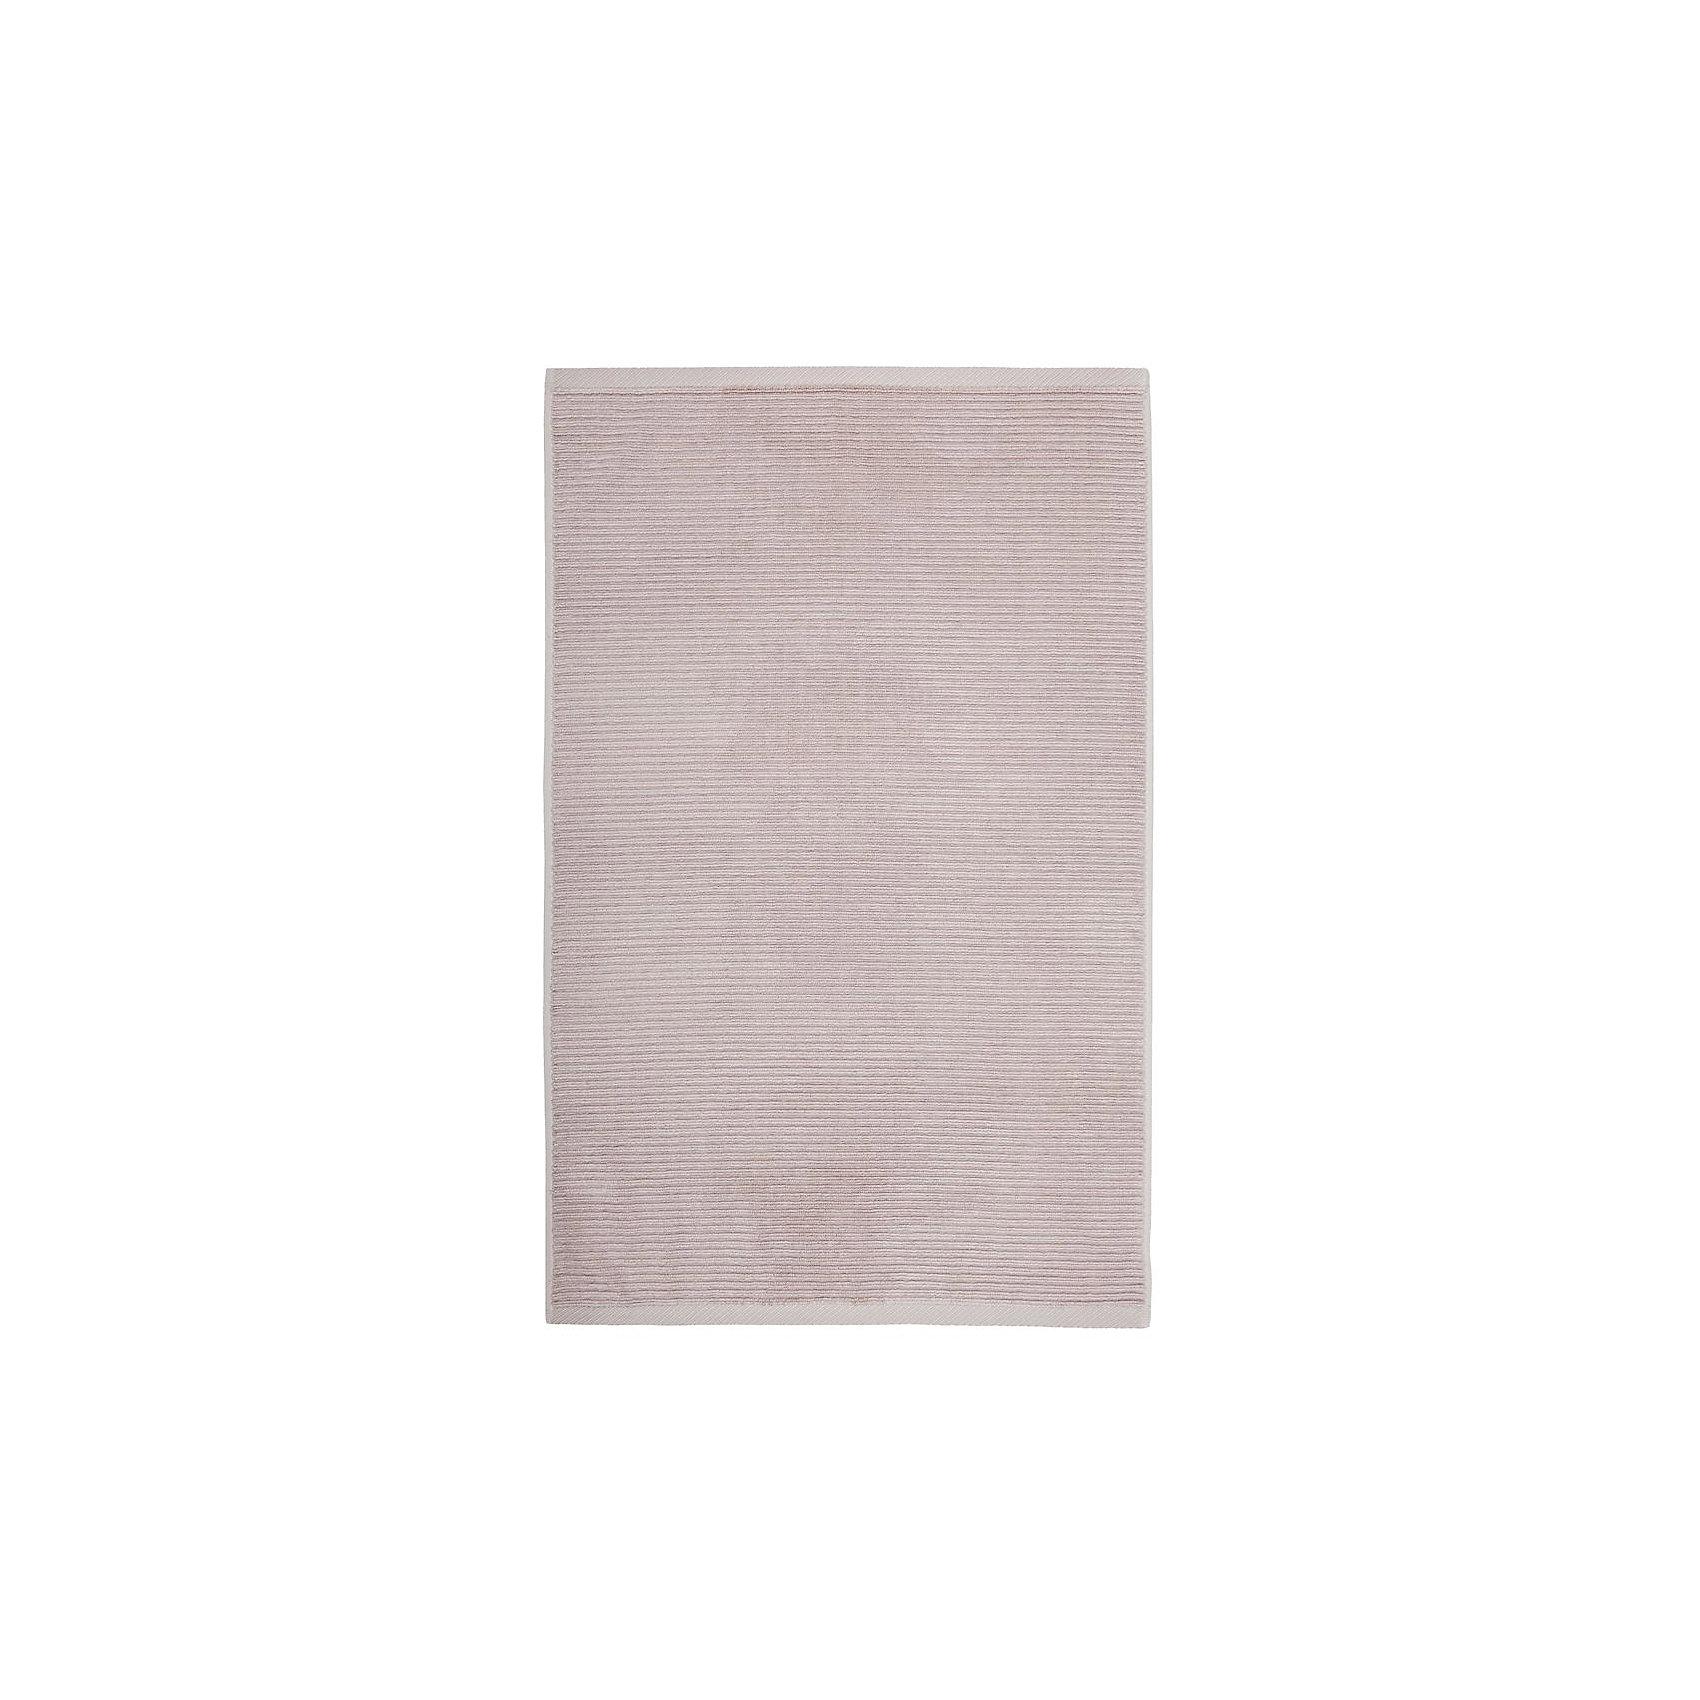 Полотенце для ног махровое Maison Bambu, 50*70, TAC, кофе (kahve)Ванная комната<br>Характеристики:<br><br>• Вид домашнего текстиля: махровое полотенце<br>• Размеры полотенца: 50*70 см<br>• Рисунок: без рисунка<br>• Материал: хлопок, 50% хлопок; бамбук, 50%<br>• Цвет: кофейный<br>• Плотность полотна: 850 гр/м2 <br>• Повышенные впитывающие качества<br>• Вес: 300 г<br>• Размеры упаковки (Д*Ш*В): 25*3*25 см<br>• Особенности ухода: машинная стирка <br><br>Полотенце для ног махровое Maison Bambu, 50*70, TAC, кофе (kahve) от наиболее популярного бренда на отечественном рынке среди производителей комплектов постельного белья и текстильных принадлежностей, выпуском которого занимается производственная компания, являющаяся частью мирового холдинга Zorlu Holding Textiles Group. Полотенце выполнено из сочетания натурального хлопка и бамбукового волокна, что обеспечивает гипоаллергенность, высокую износоустойчивость, повышенные гигкоскопические и антибактериальные свойства изделия. <br><br>Благодаря высокой степени плотности махры, полотенце отлично впитывает влагу, но при этом остается мягким. Ворс окрашен стойкими нетоксичными красителями, который не оставляет запаха и обеспечивает ровный окрас. Полотенце сохраняет свой цвет и форму даже при частых стирках. Выполнено в кофейном цвете без рисунка. <br><br>Полотенце для ног махровое Maison Bambu, 50*70, TAC, кофе (kahve) можно купить в нашем интернет-магазине.<br><br>Ширина мм: 250<br>Глубина мм: 30<br>Высота мм: 250<br>Вес г: 400<br>Возраст от месяцев: 216<br>Возраст до месяцев: 1188<br>Пол: Унисекс<br>Возраст: Детский<br>SKU: 5476342